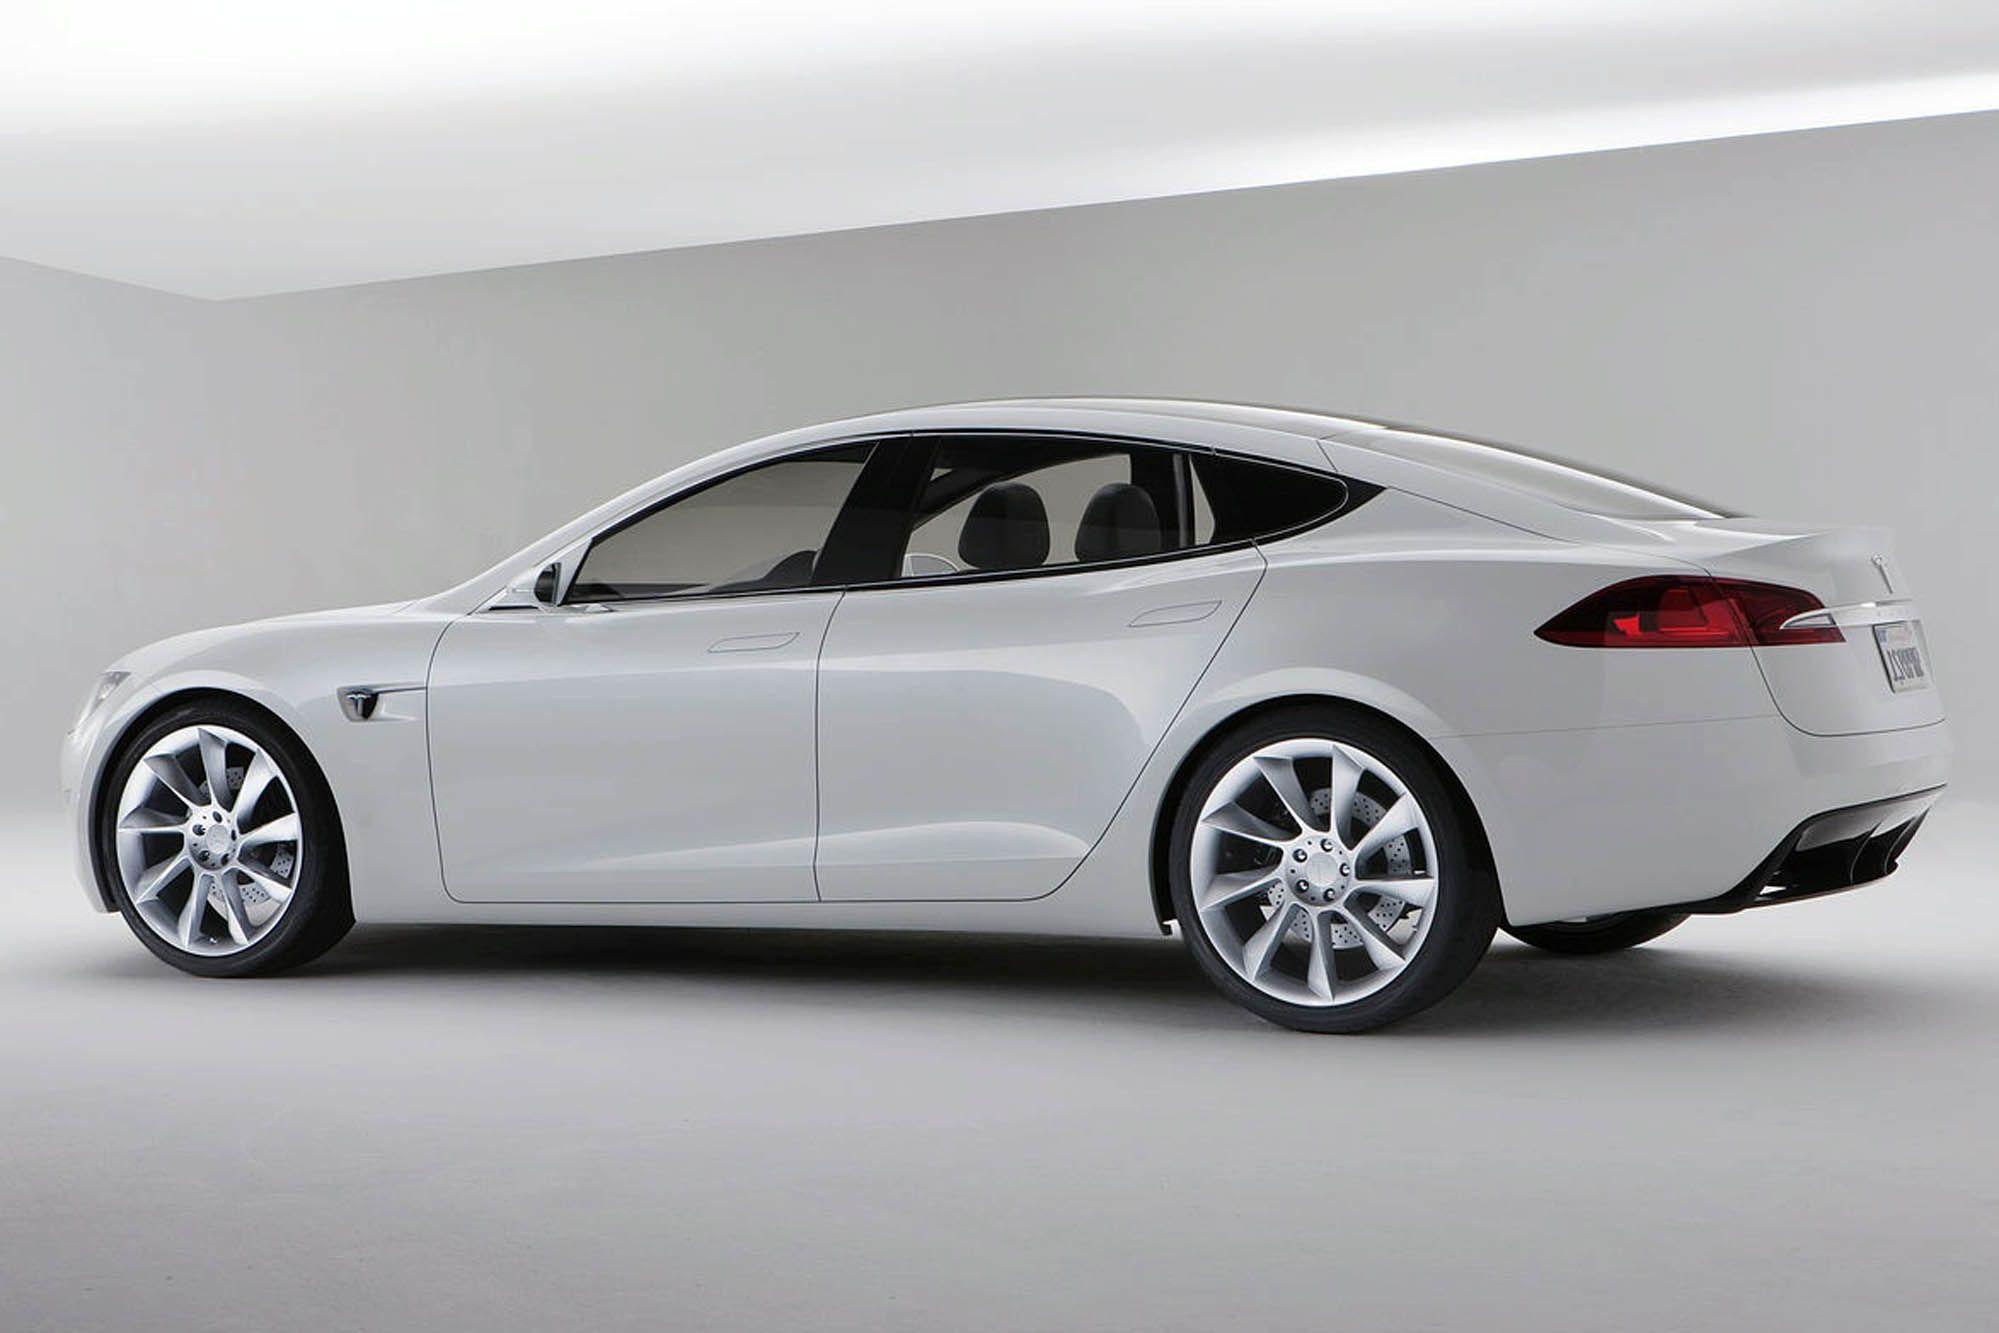 Tesla model s tesla model s background tvr hd wallpaper for desktop car